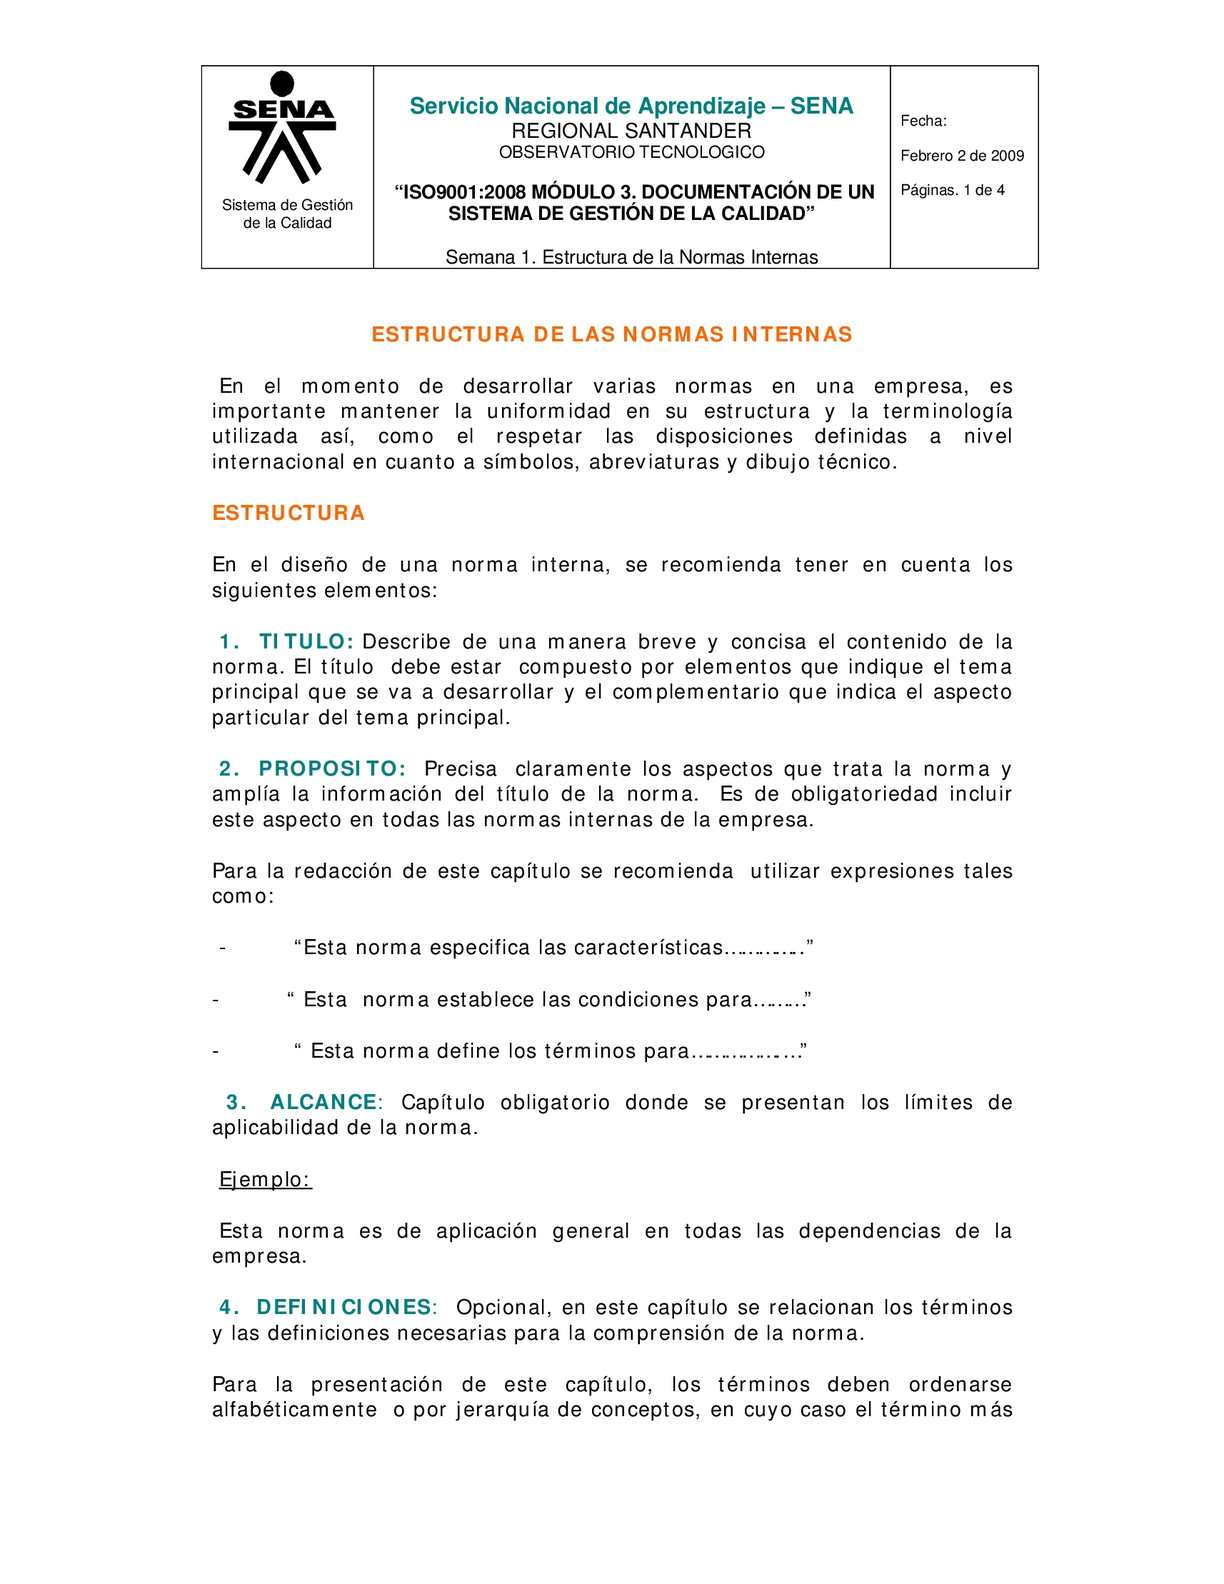 Calaméo Estructura De Las Normas Internas